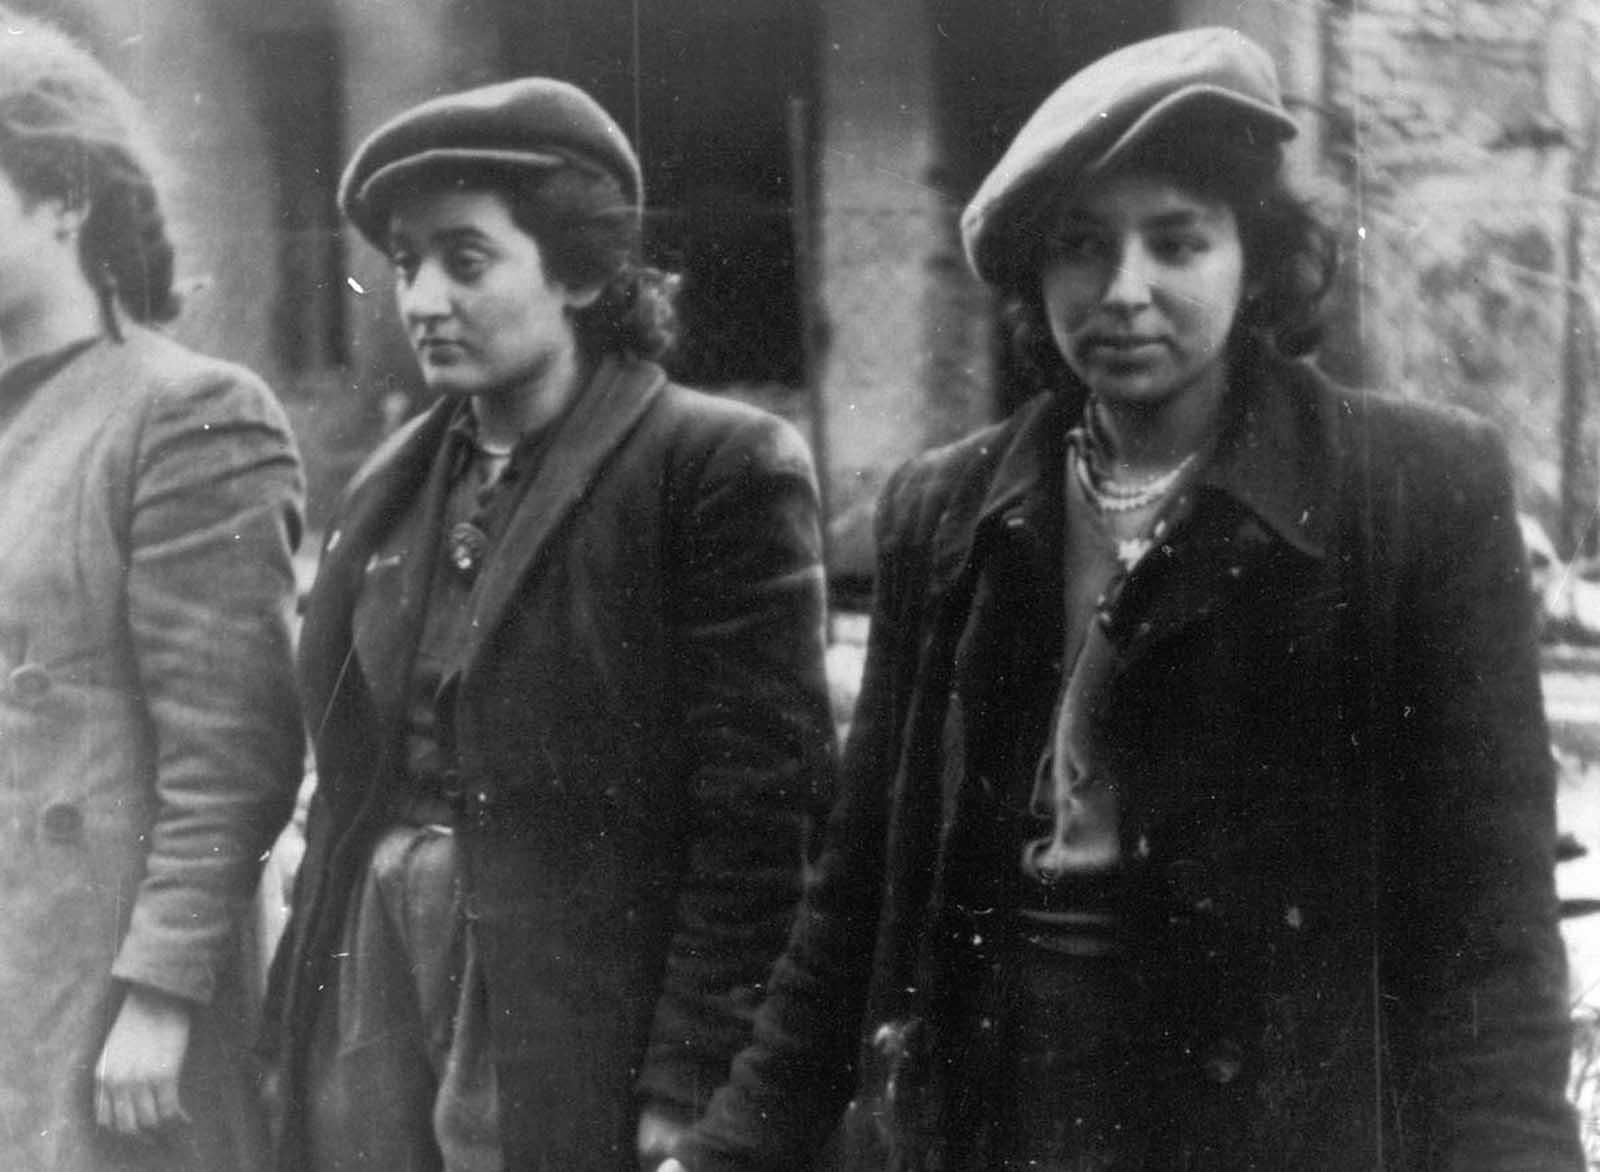 Un grupo de jóvenes combatientes de la resistencia judía están bajo arresto por soldados de las SS alemanas en abril / mayo de 1943, durante la destrucción del gueto de Varsovia por las tropas alemanas después de un levantamiento en el barrio judío.